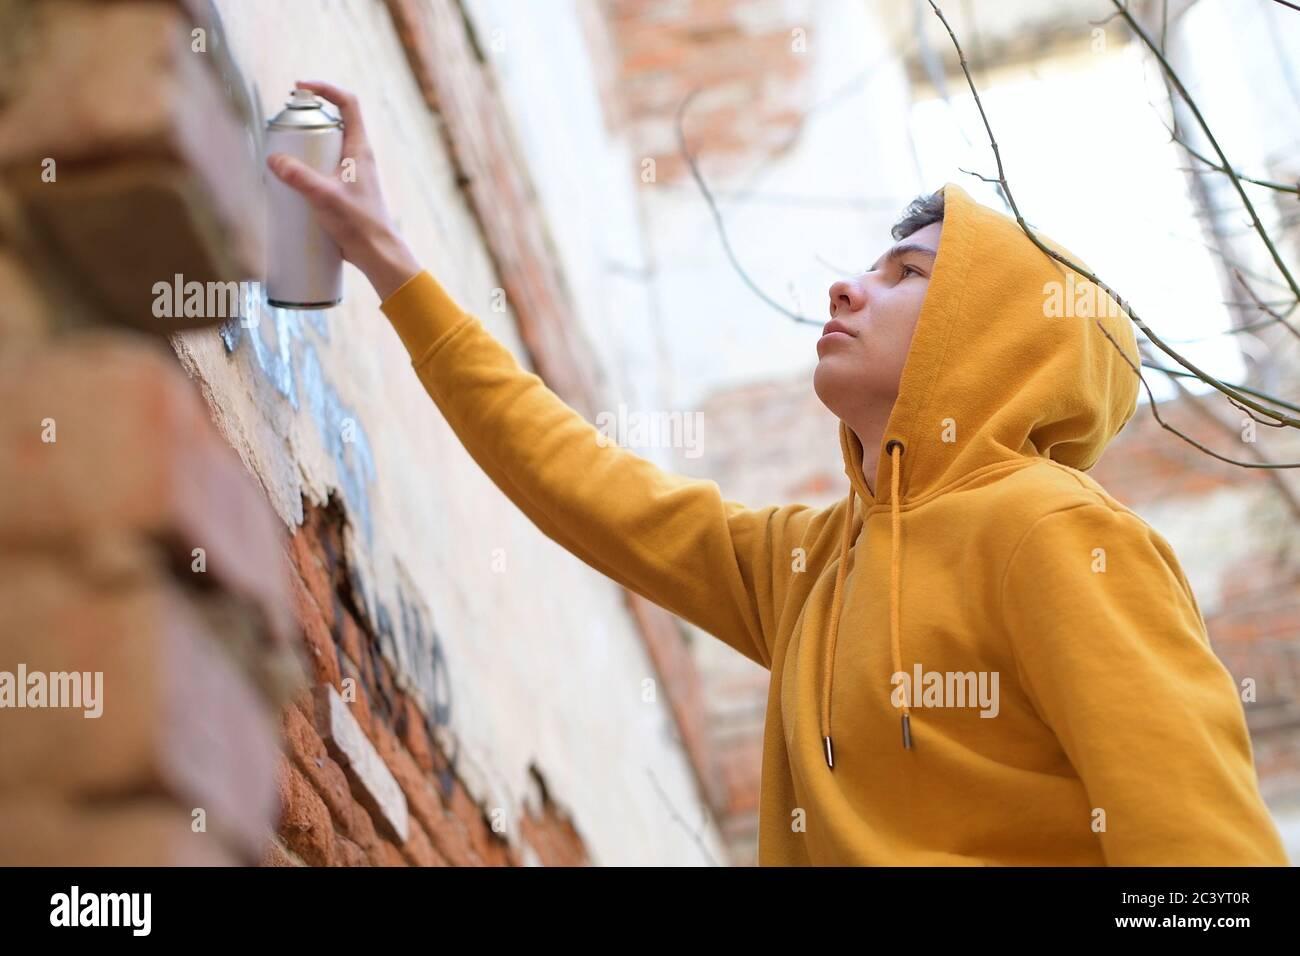 Un adolescent tient une bombe dans sa main et place des inscriptions sur le mur Banque D'Images